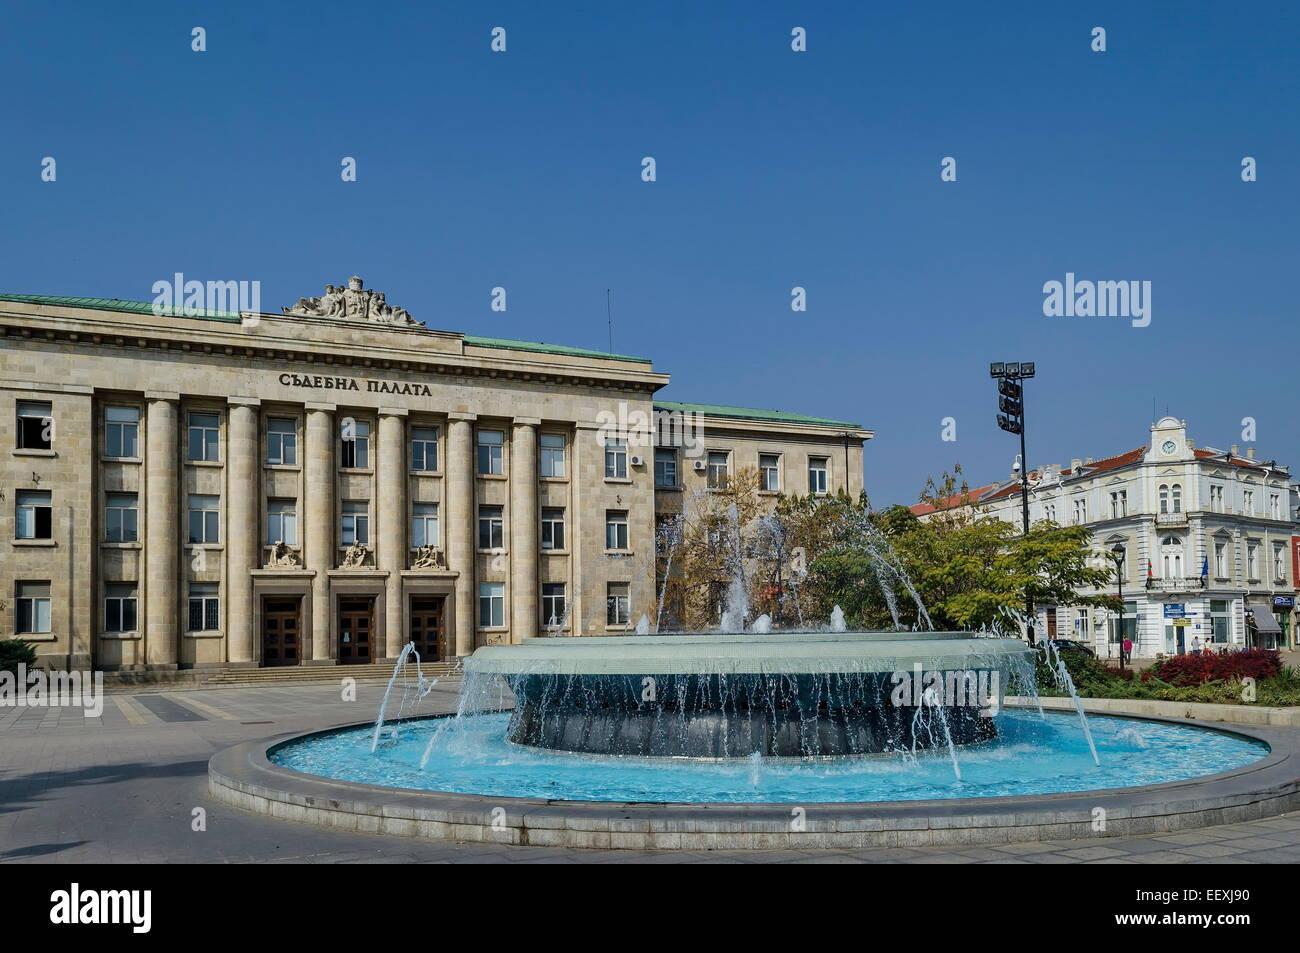 Cours de justice de la ville de Roussé avec grande fontaine en face, Bulgarie Banque D'Images